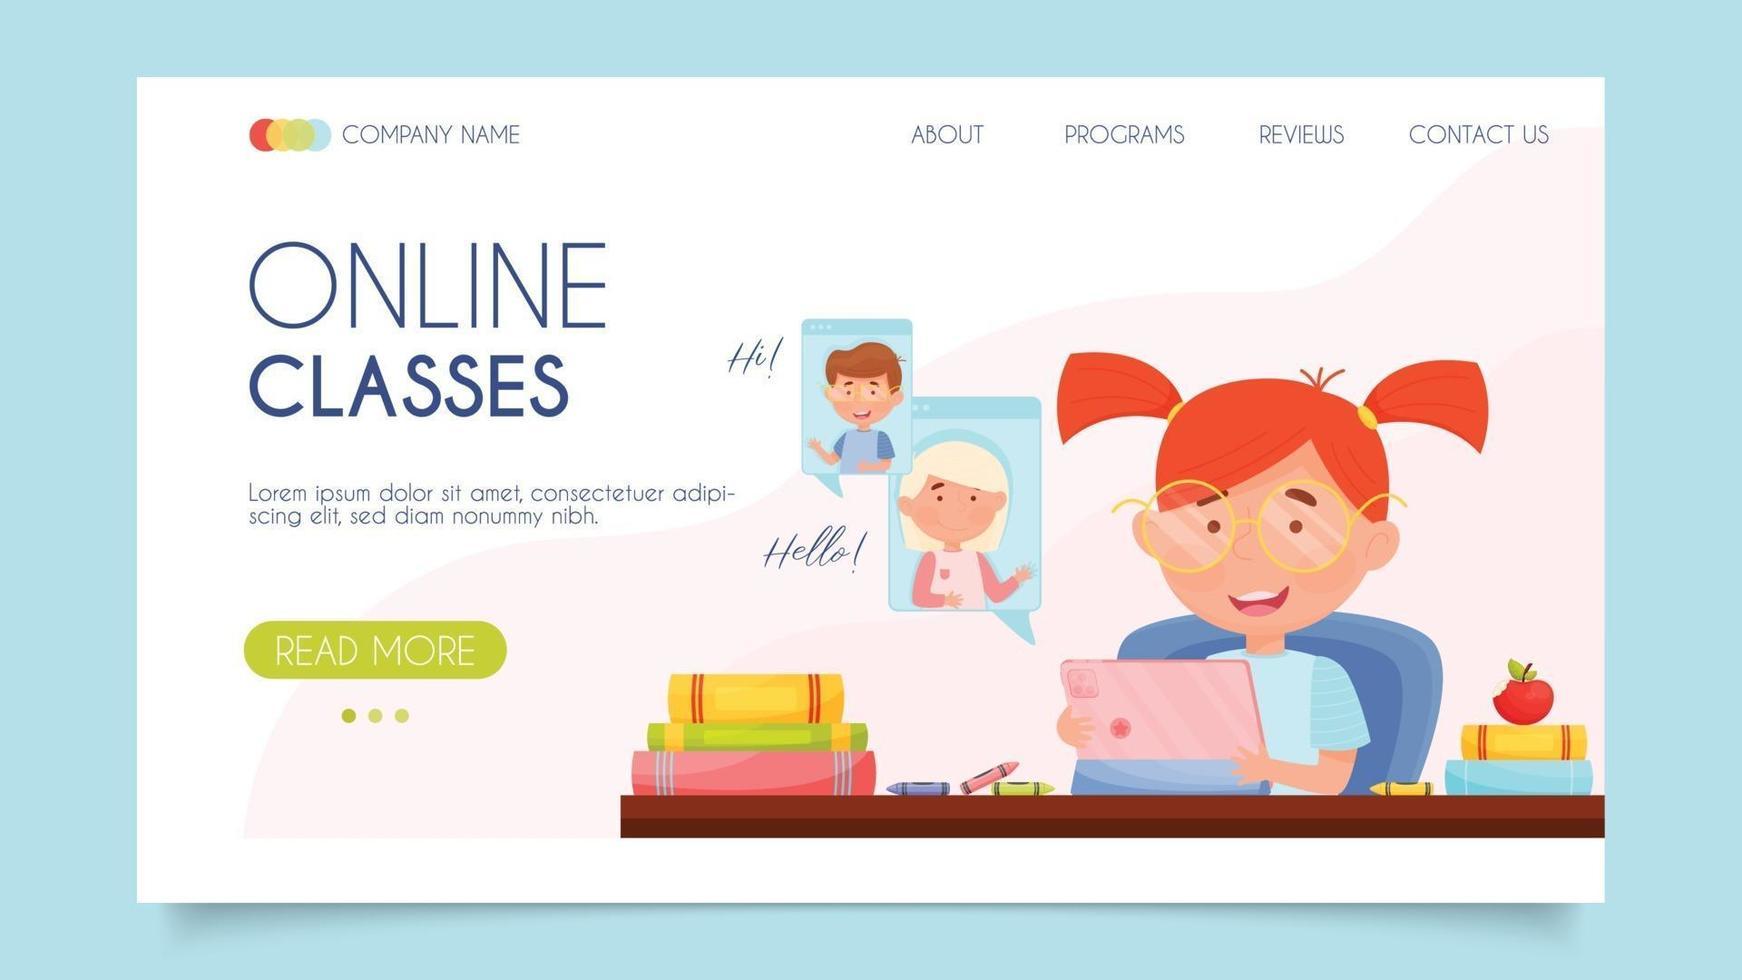 aulas online. conceito de página de destino. design plano, ilustração vetorial. vetor